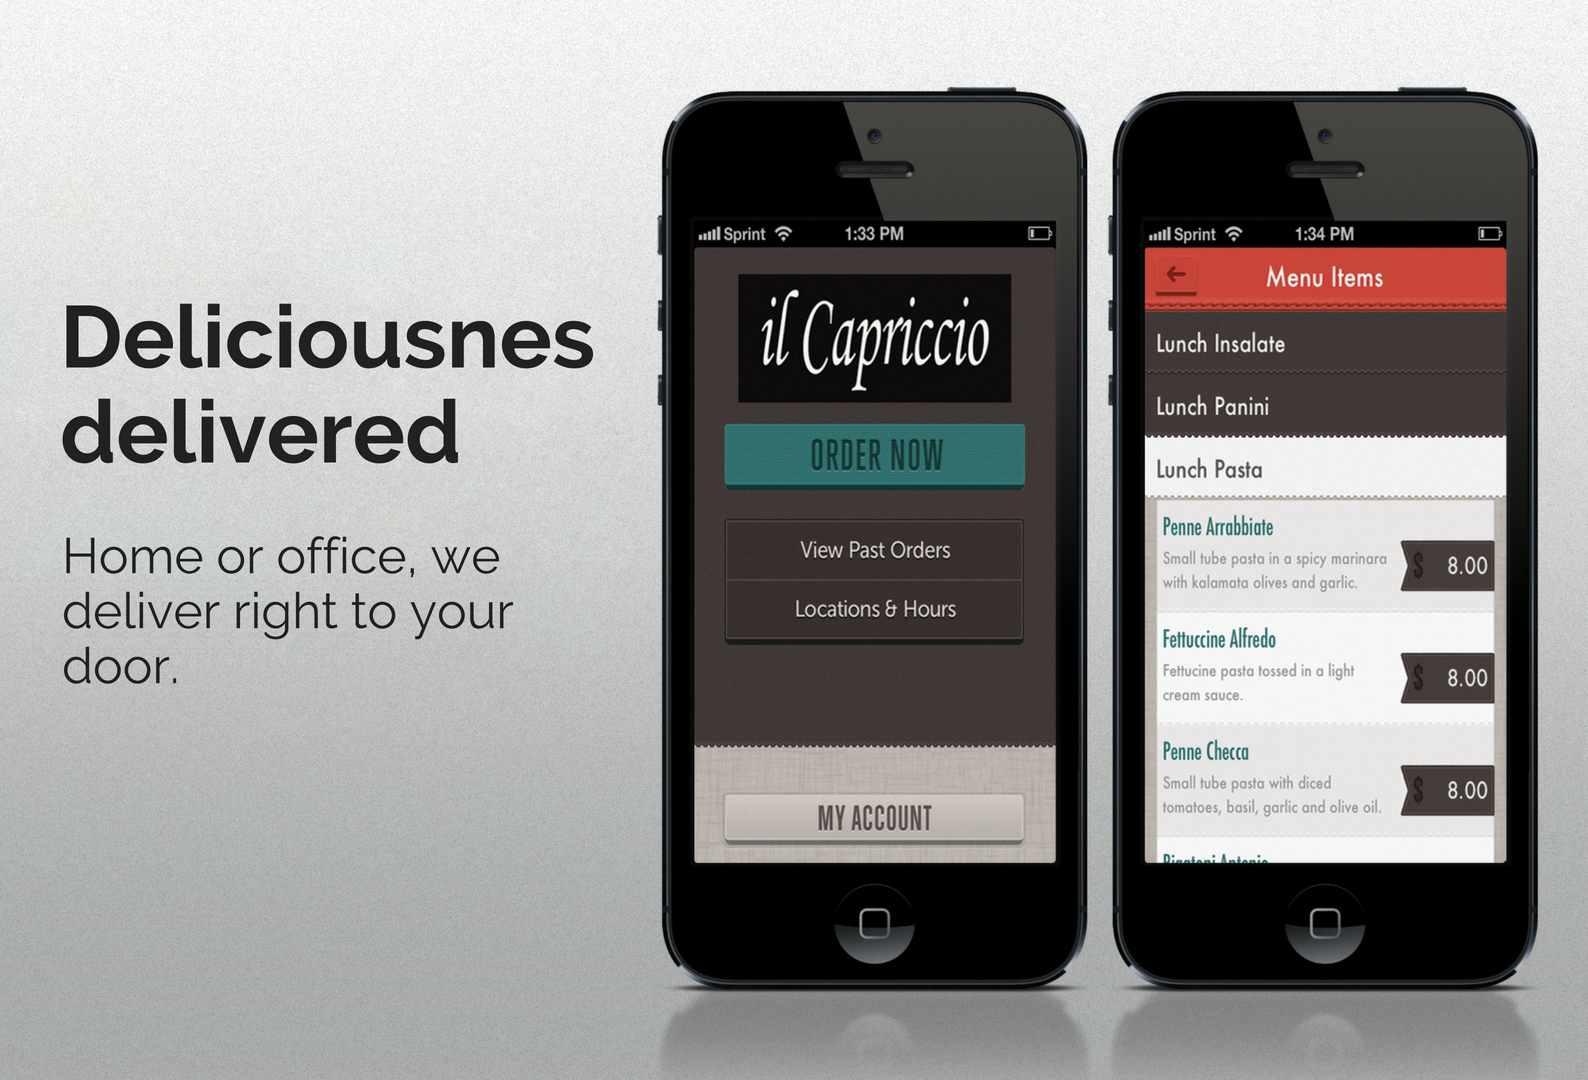 il Capriccio order online